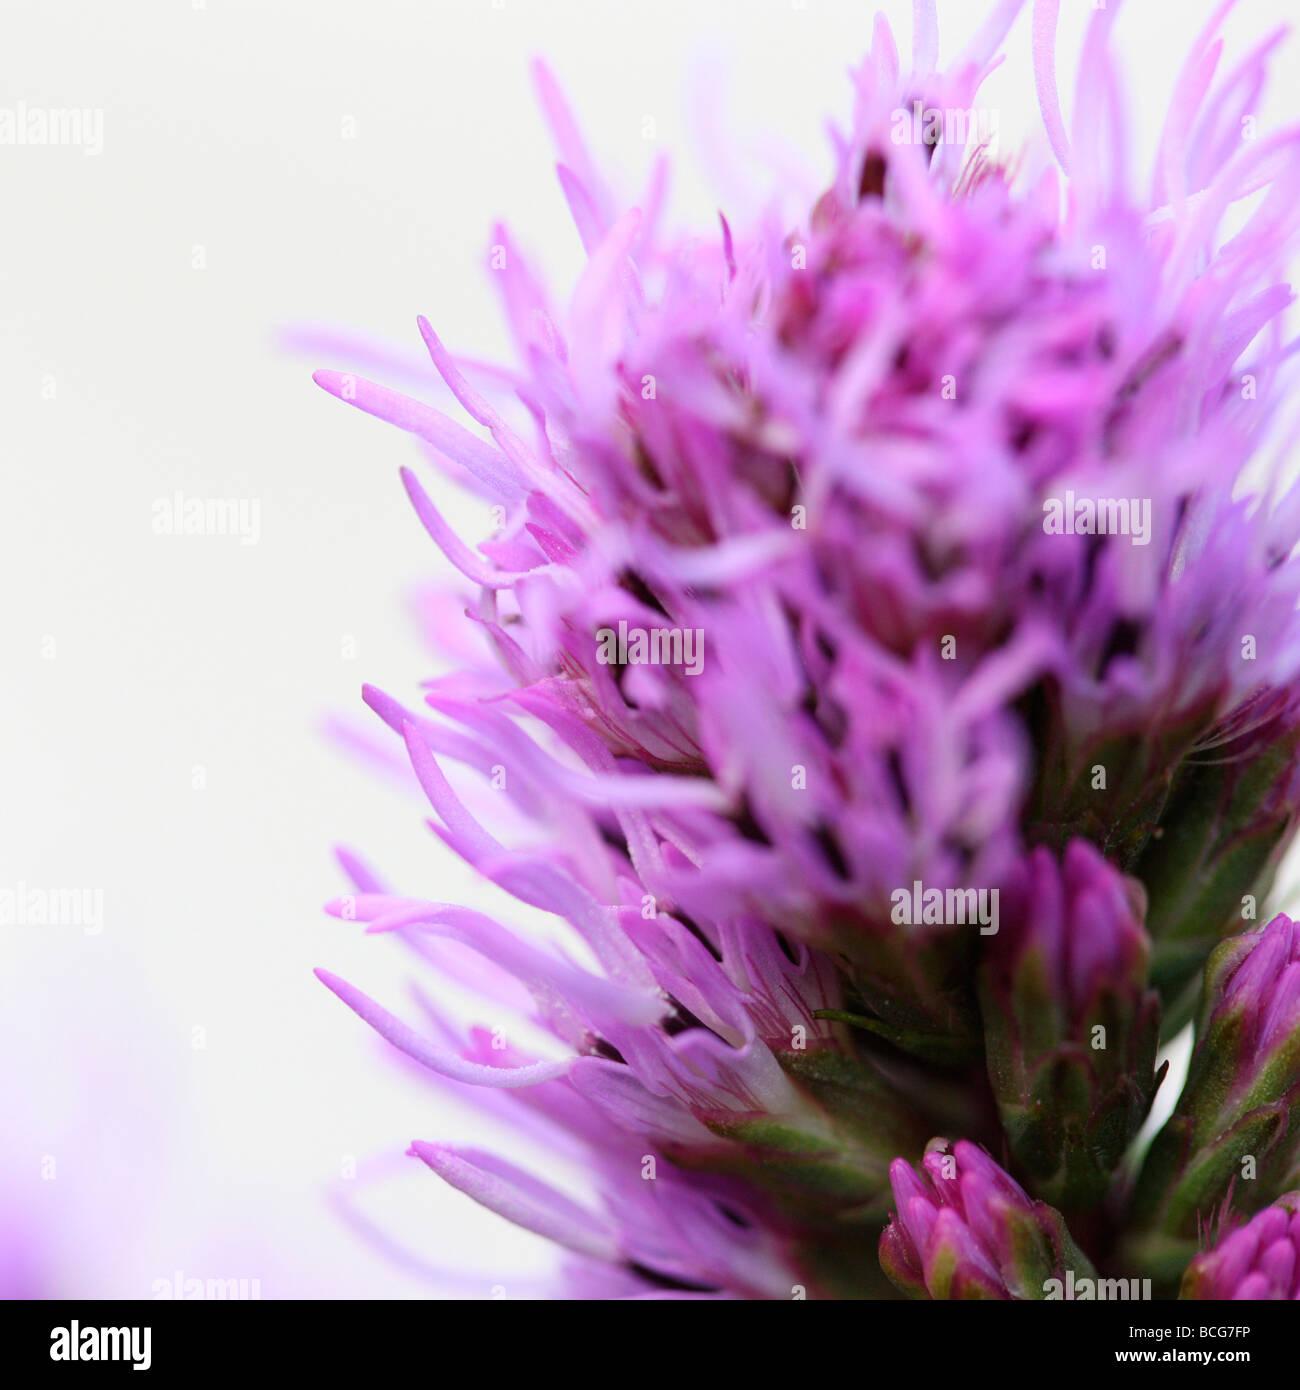 Liatris sur blanc fine art photography Photographie Jane Ann Butler JABP415 Photo Stock